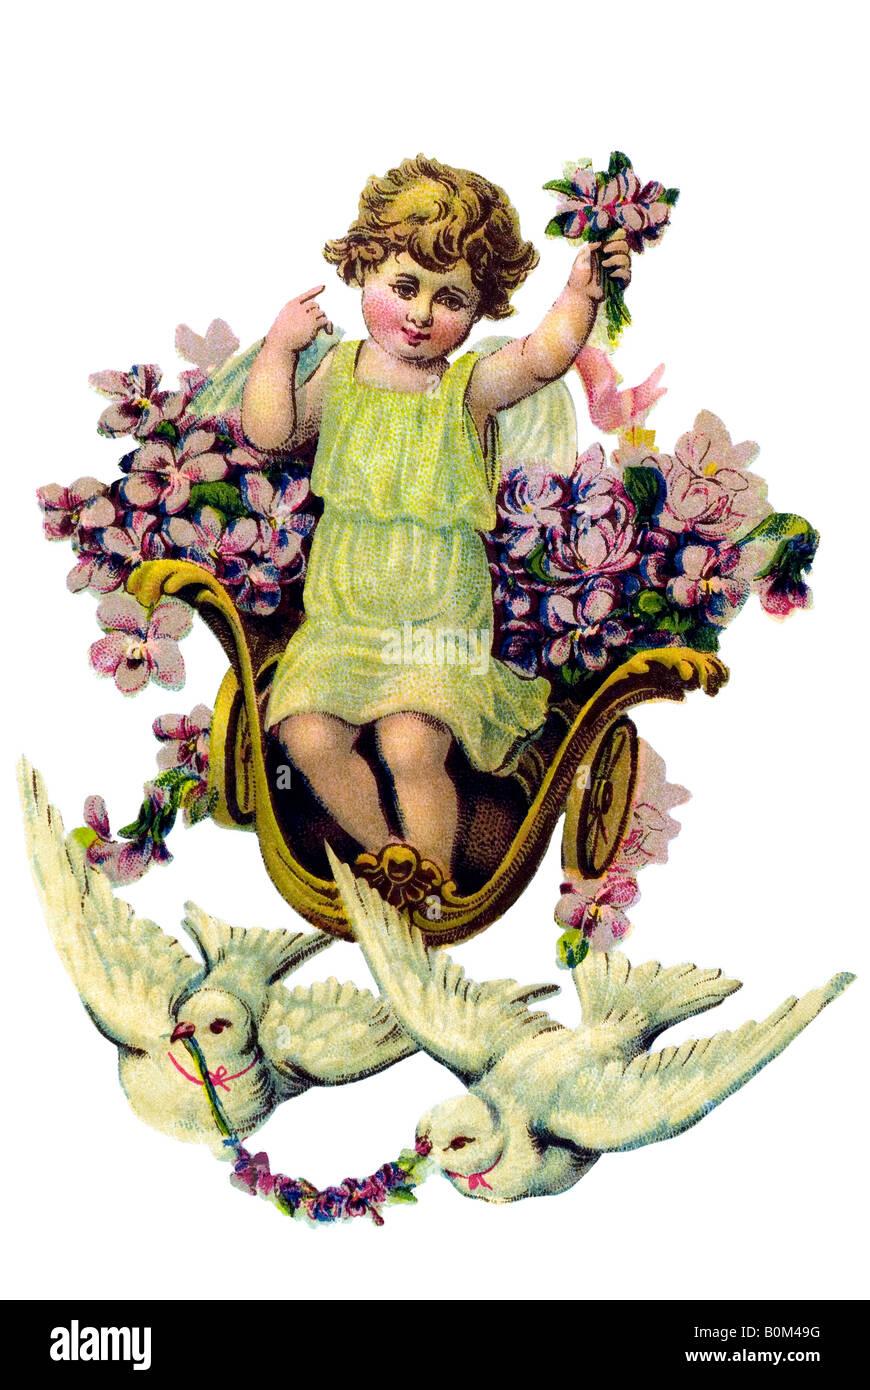 Los niños ángel violett transporte dos palomas Alemania del siglo XIX. Imagen De Stock